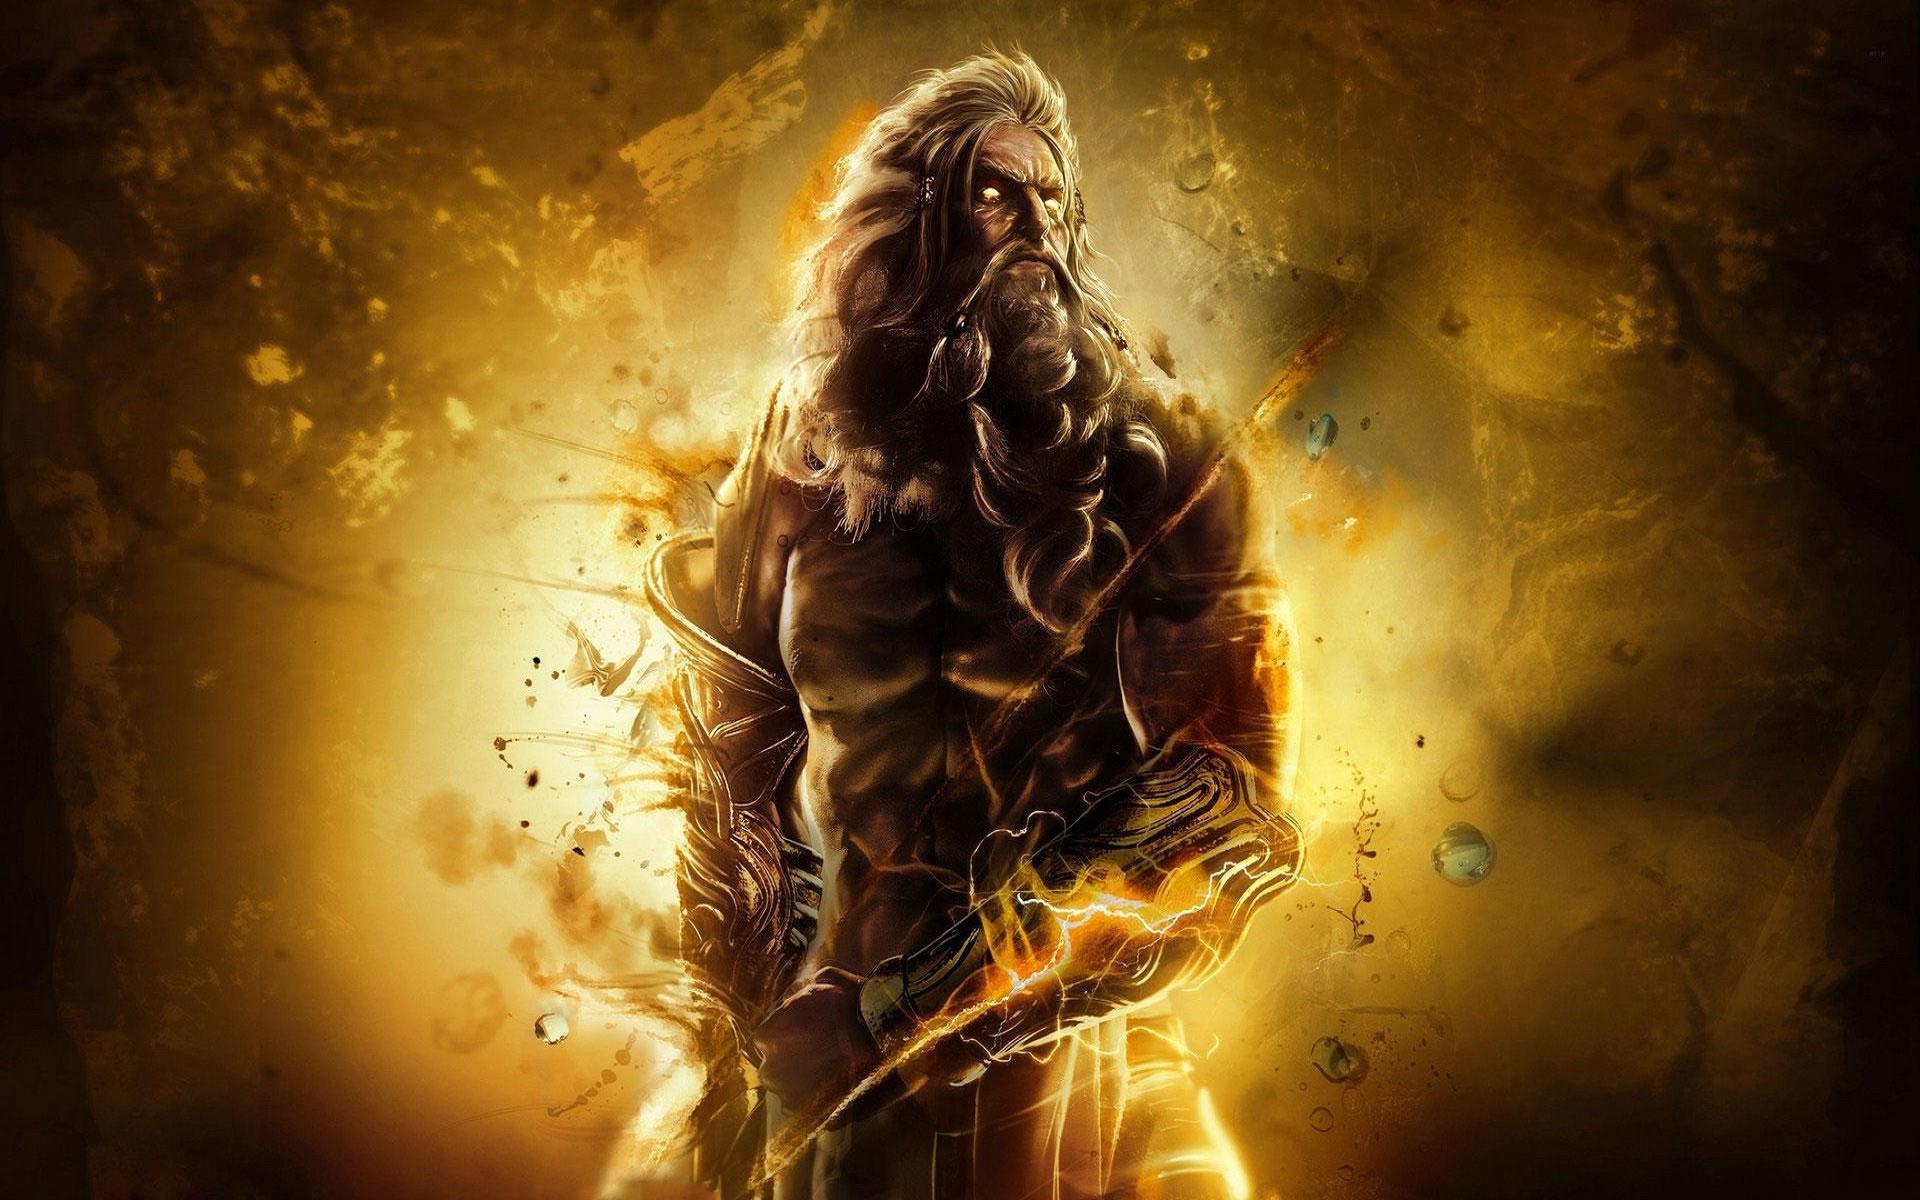 Zeus God Wallpaper Hd God Of War Ascension 106051 Hd